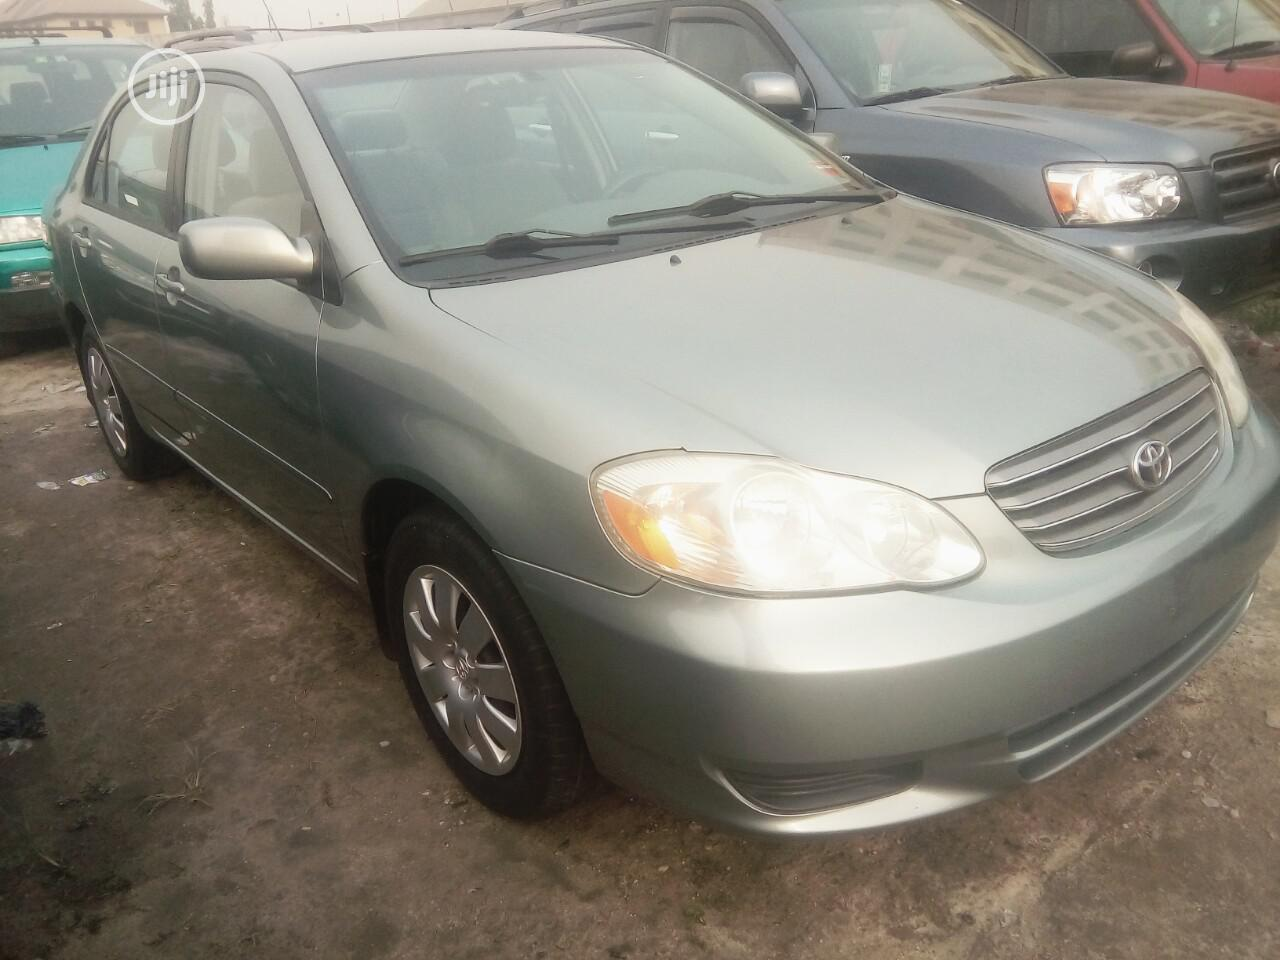 Kelebihan Kekurangan Toyota Corolla 2004 Harga